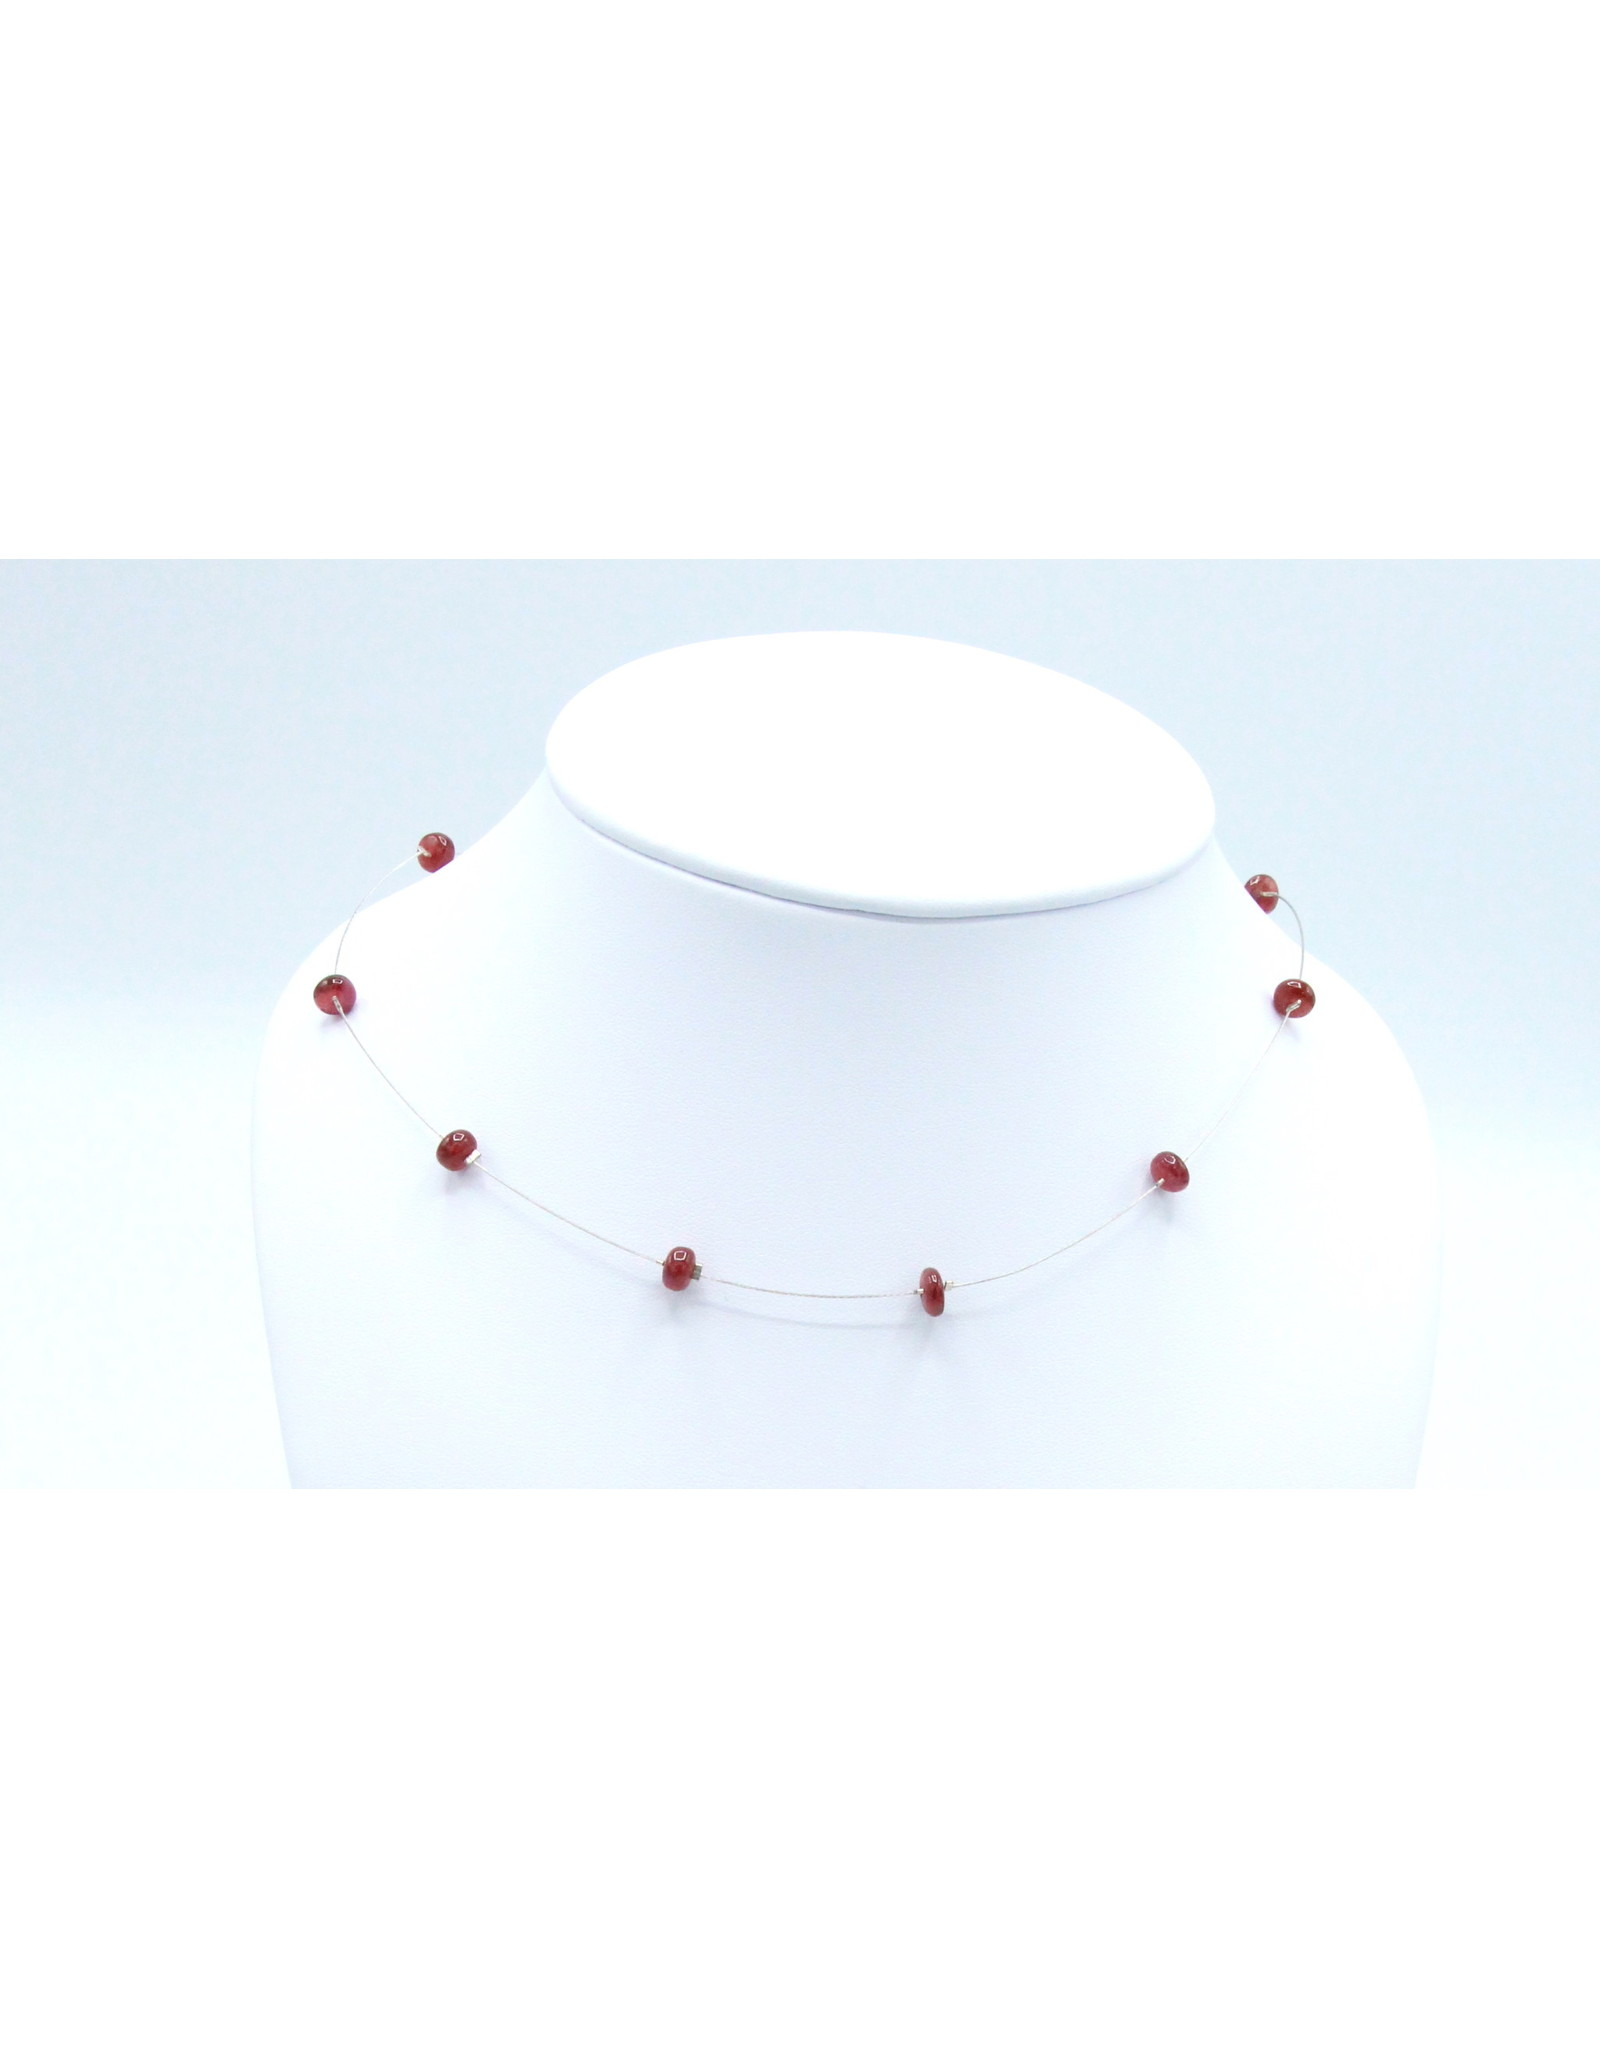 Eudialyte Necklace - NE01